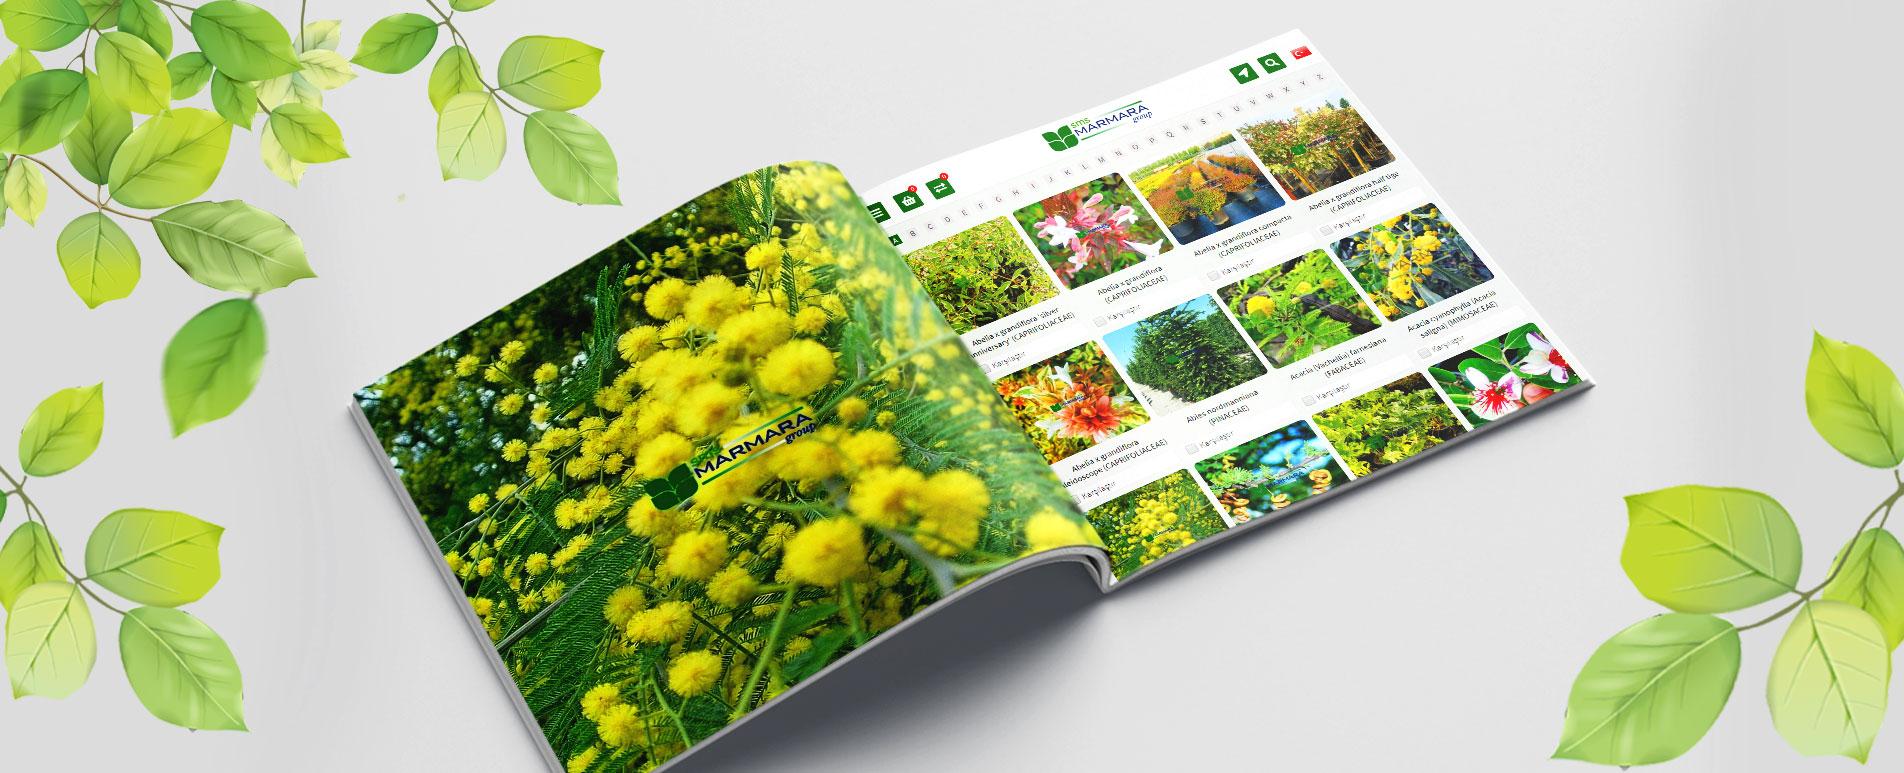 Web sitemiz ve Ürünlerimiz Sayfası yenilendi